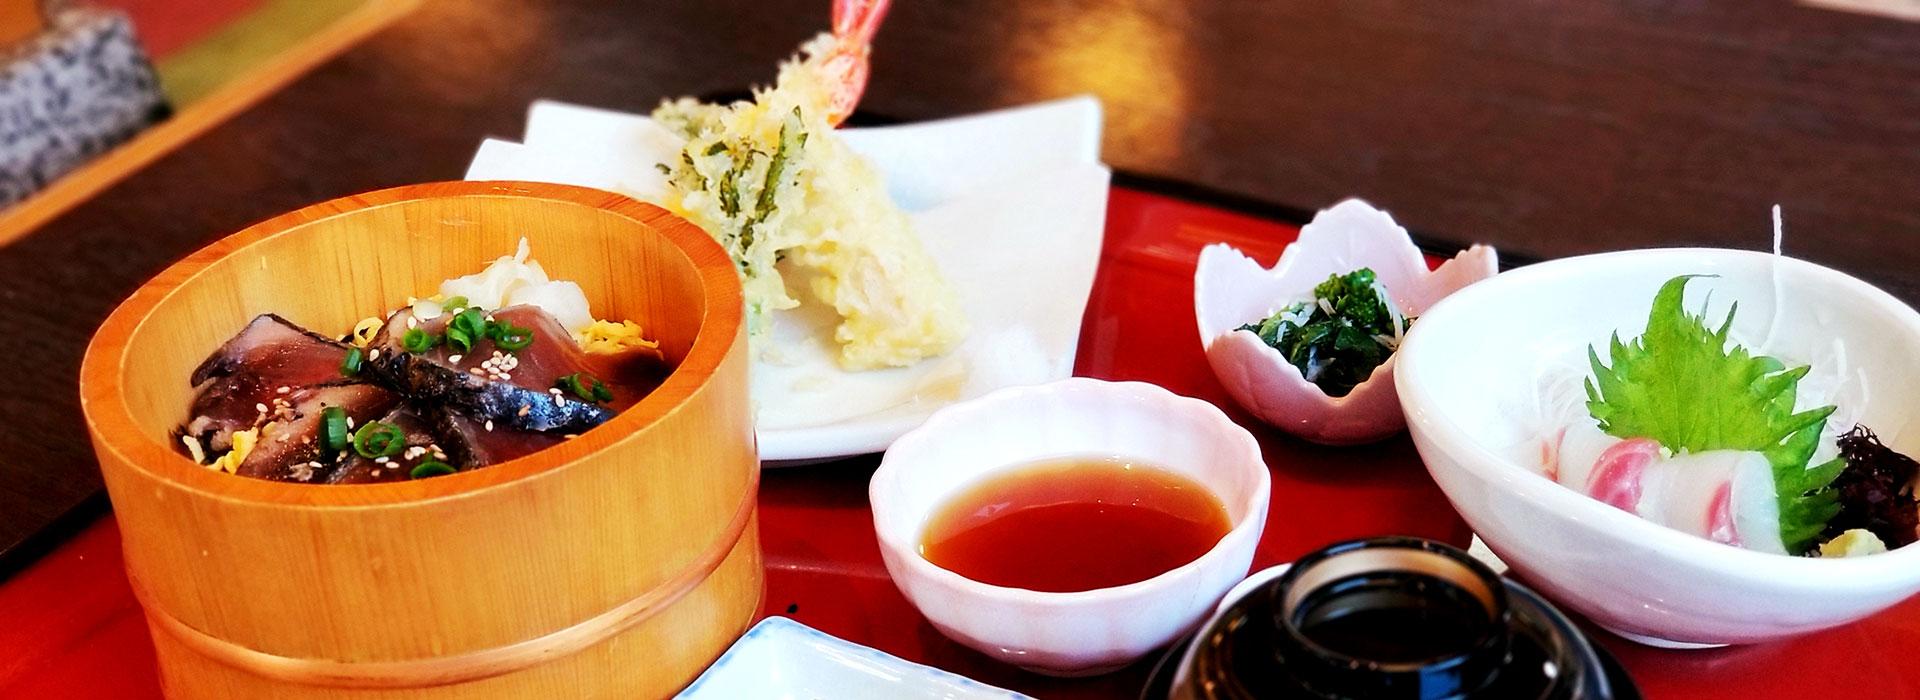 日本食、拉麺店やフードコート事業について